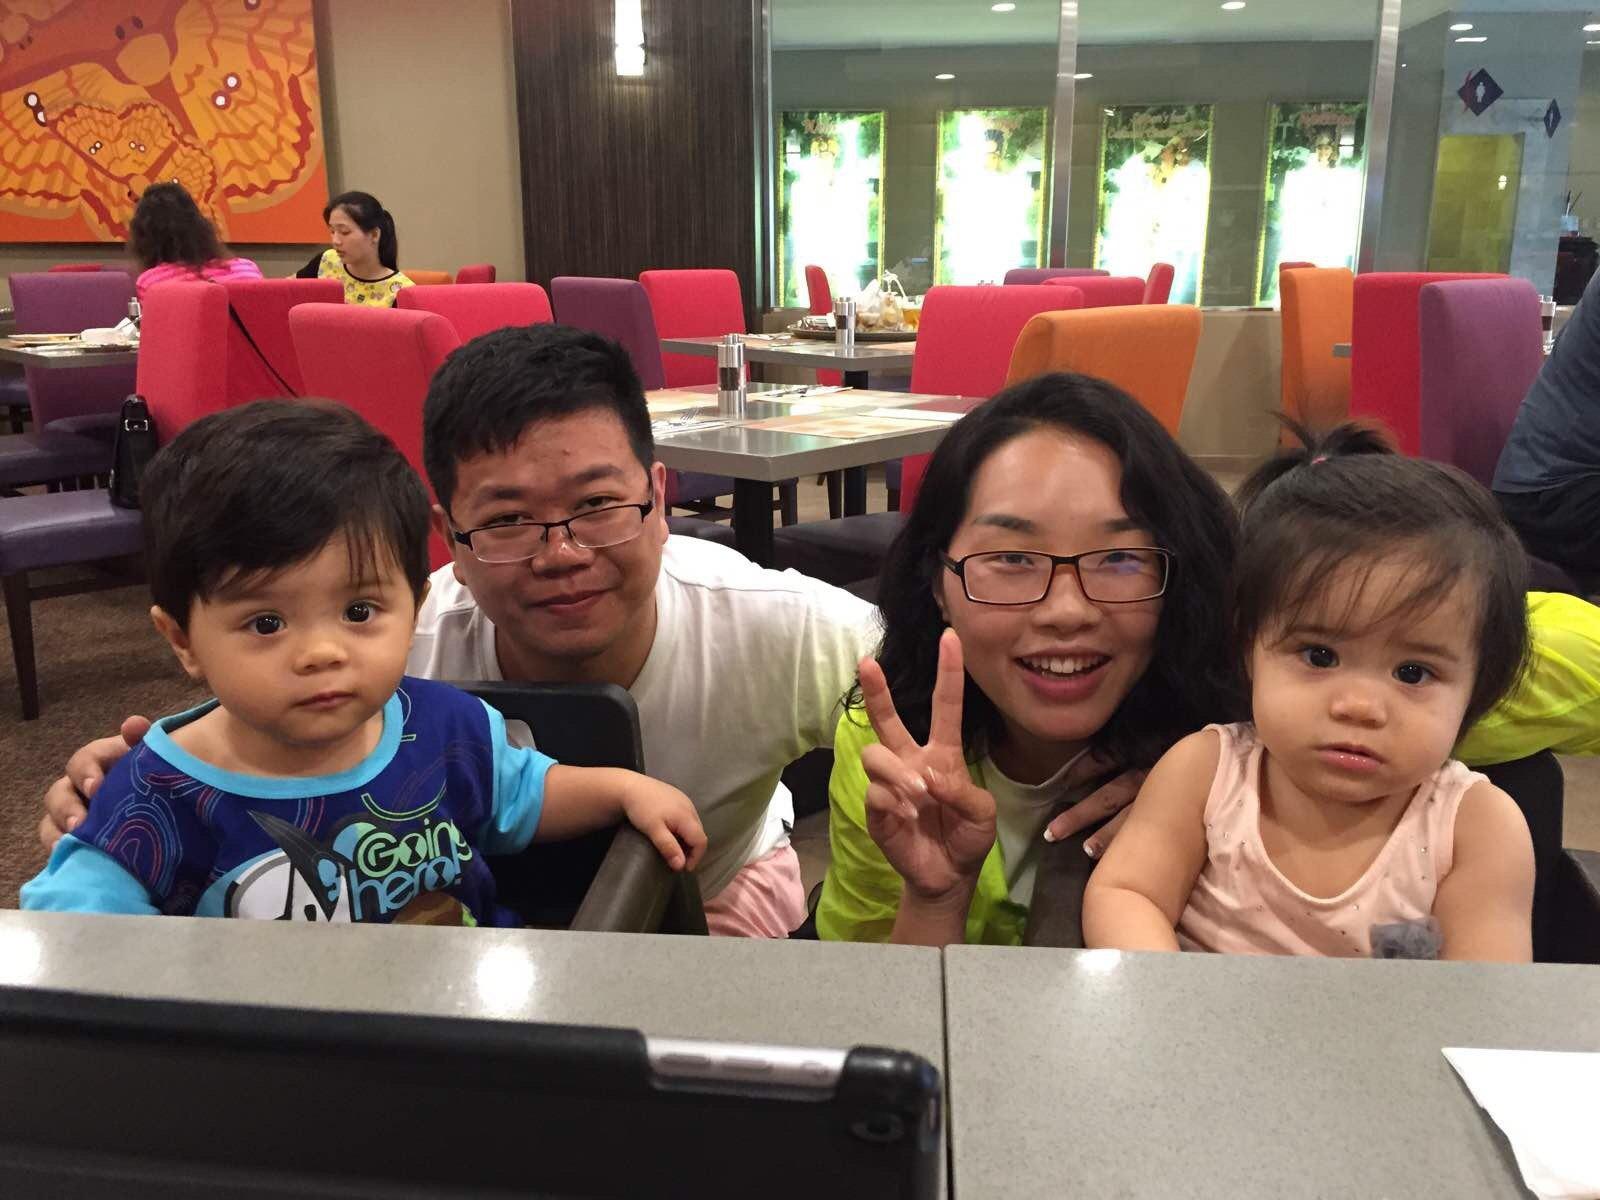 遇到了两个非常可爱的外国小宝贝儿!貌似龙凤胎噢!